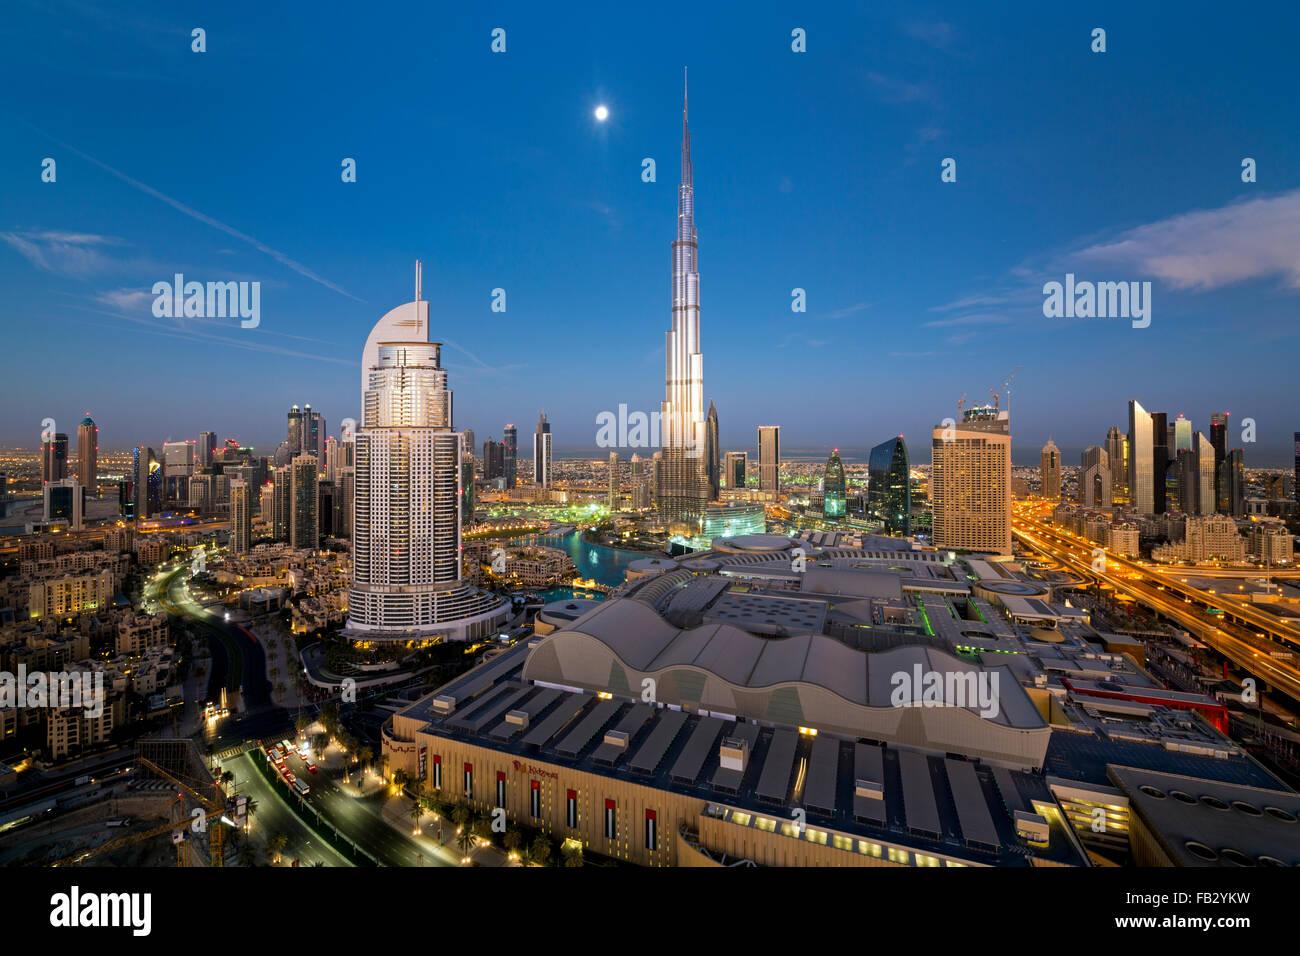 Emirati Arabi Uniti Dubai Burj Khalifa, elevati vista guardando oltre il centro commerciale di Dubai Immagini Stock